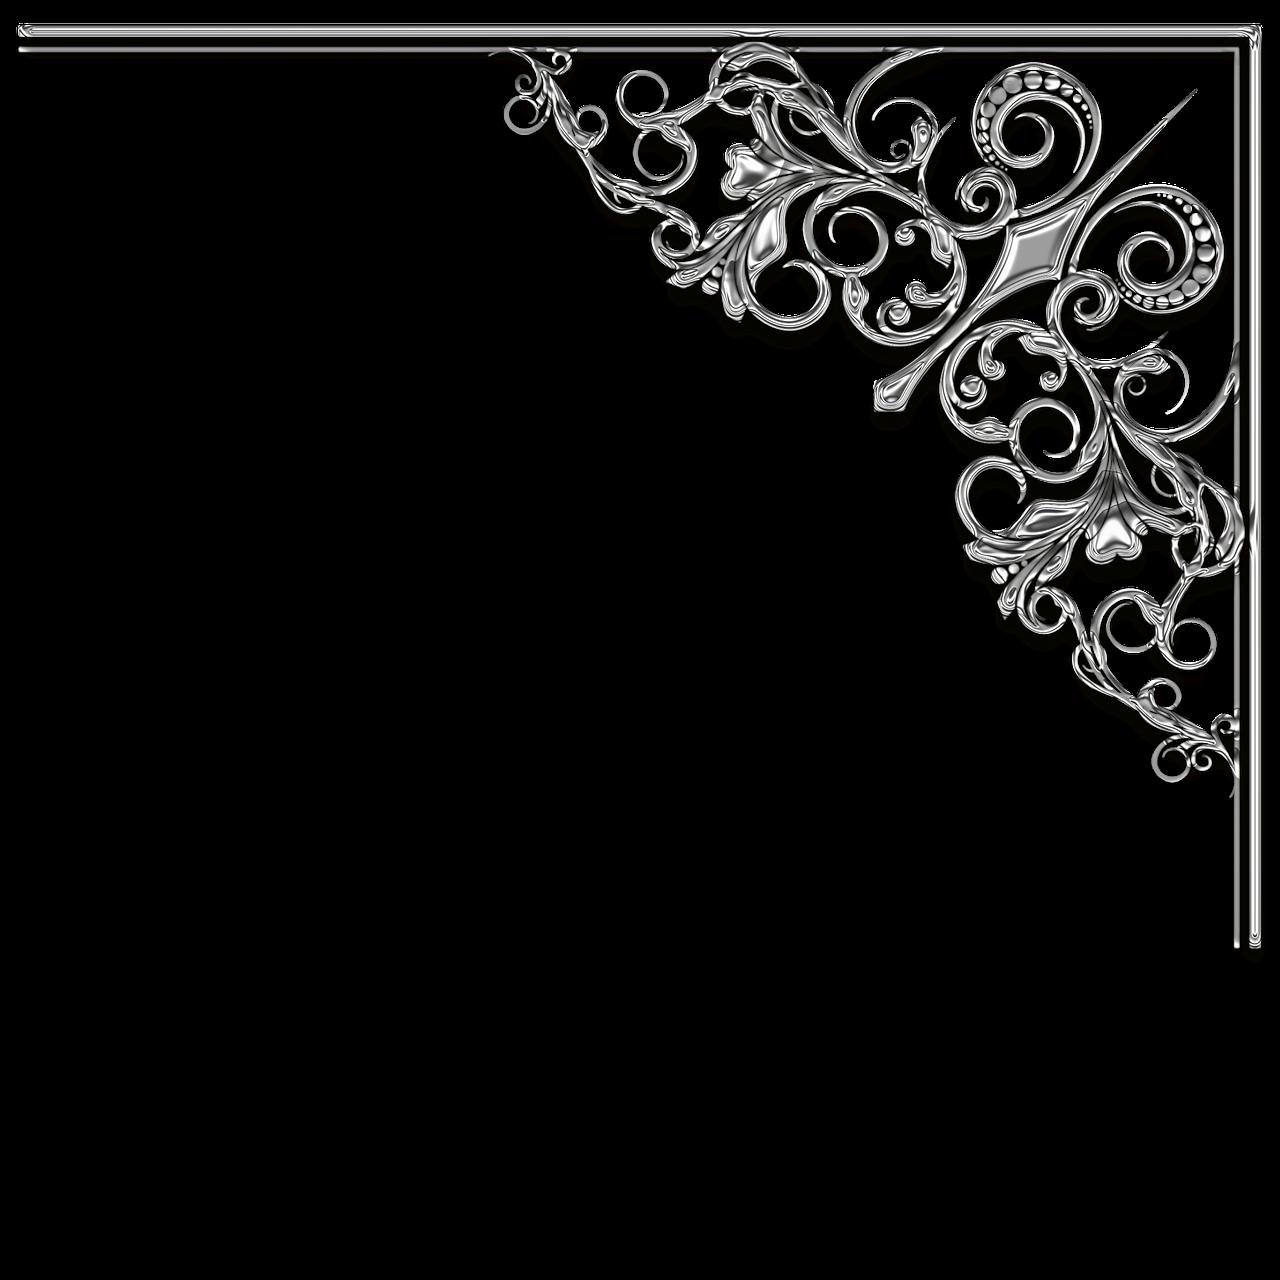 wedding corner frame divider silver filigree wedding corner